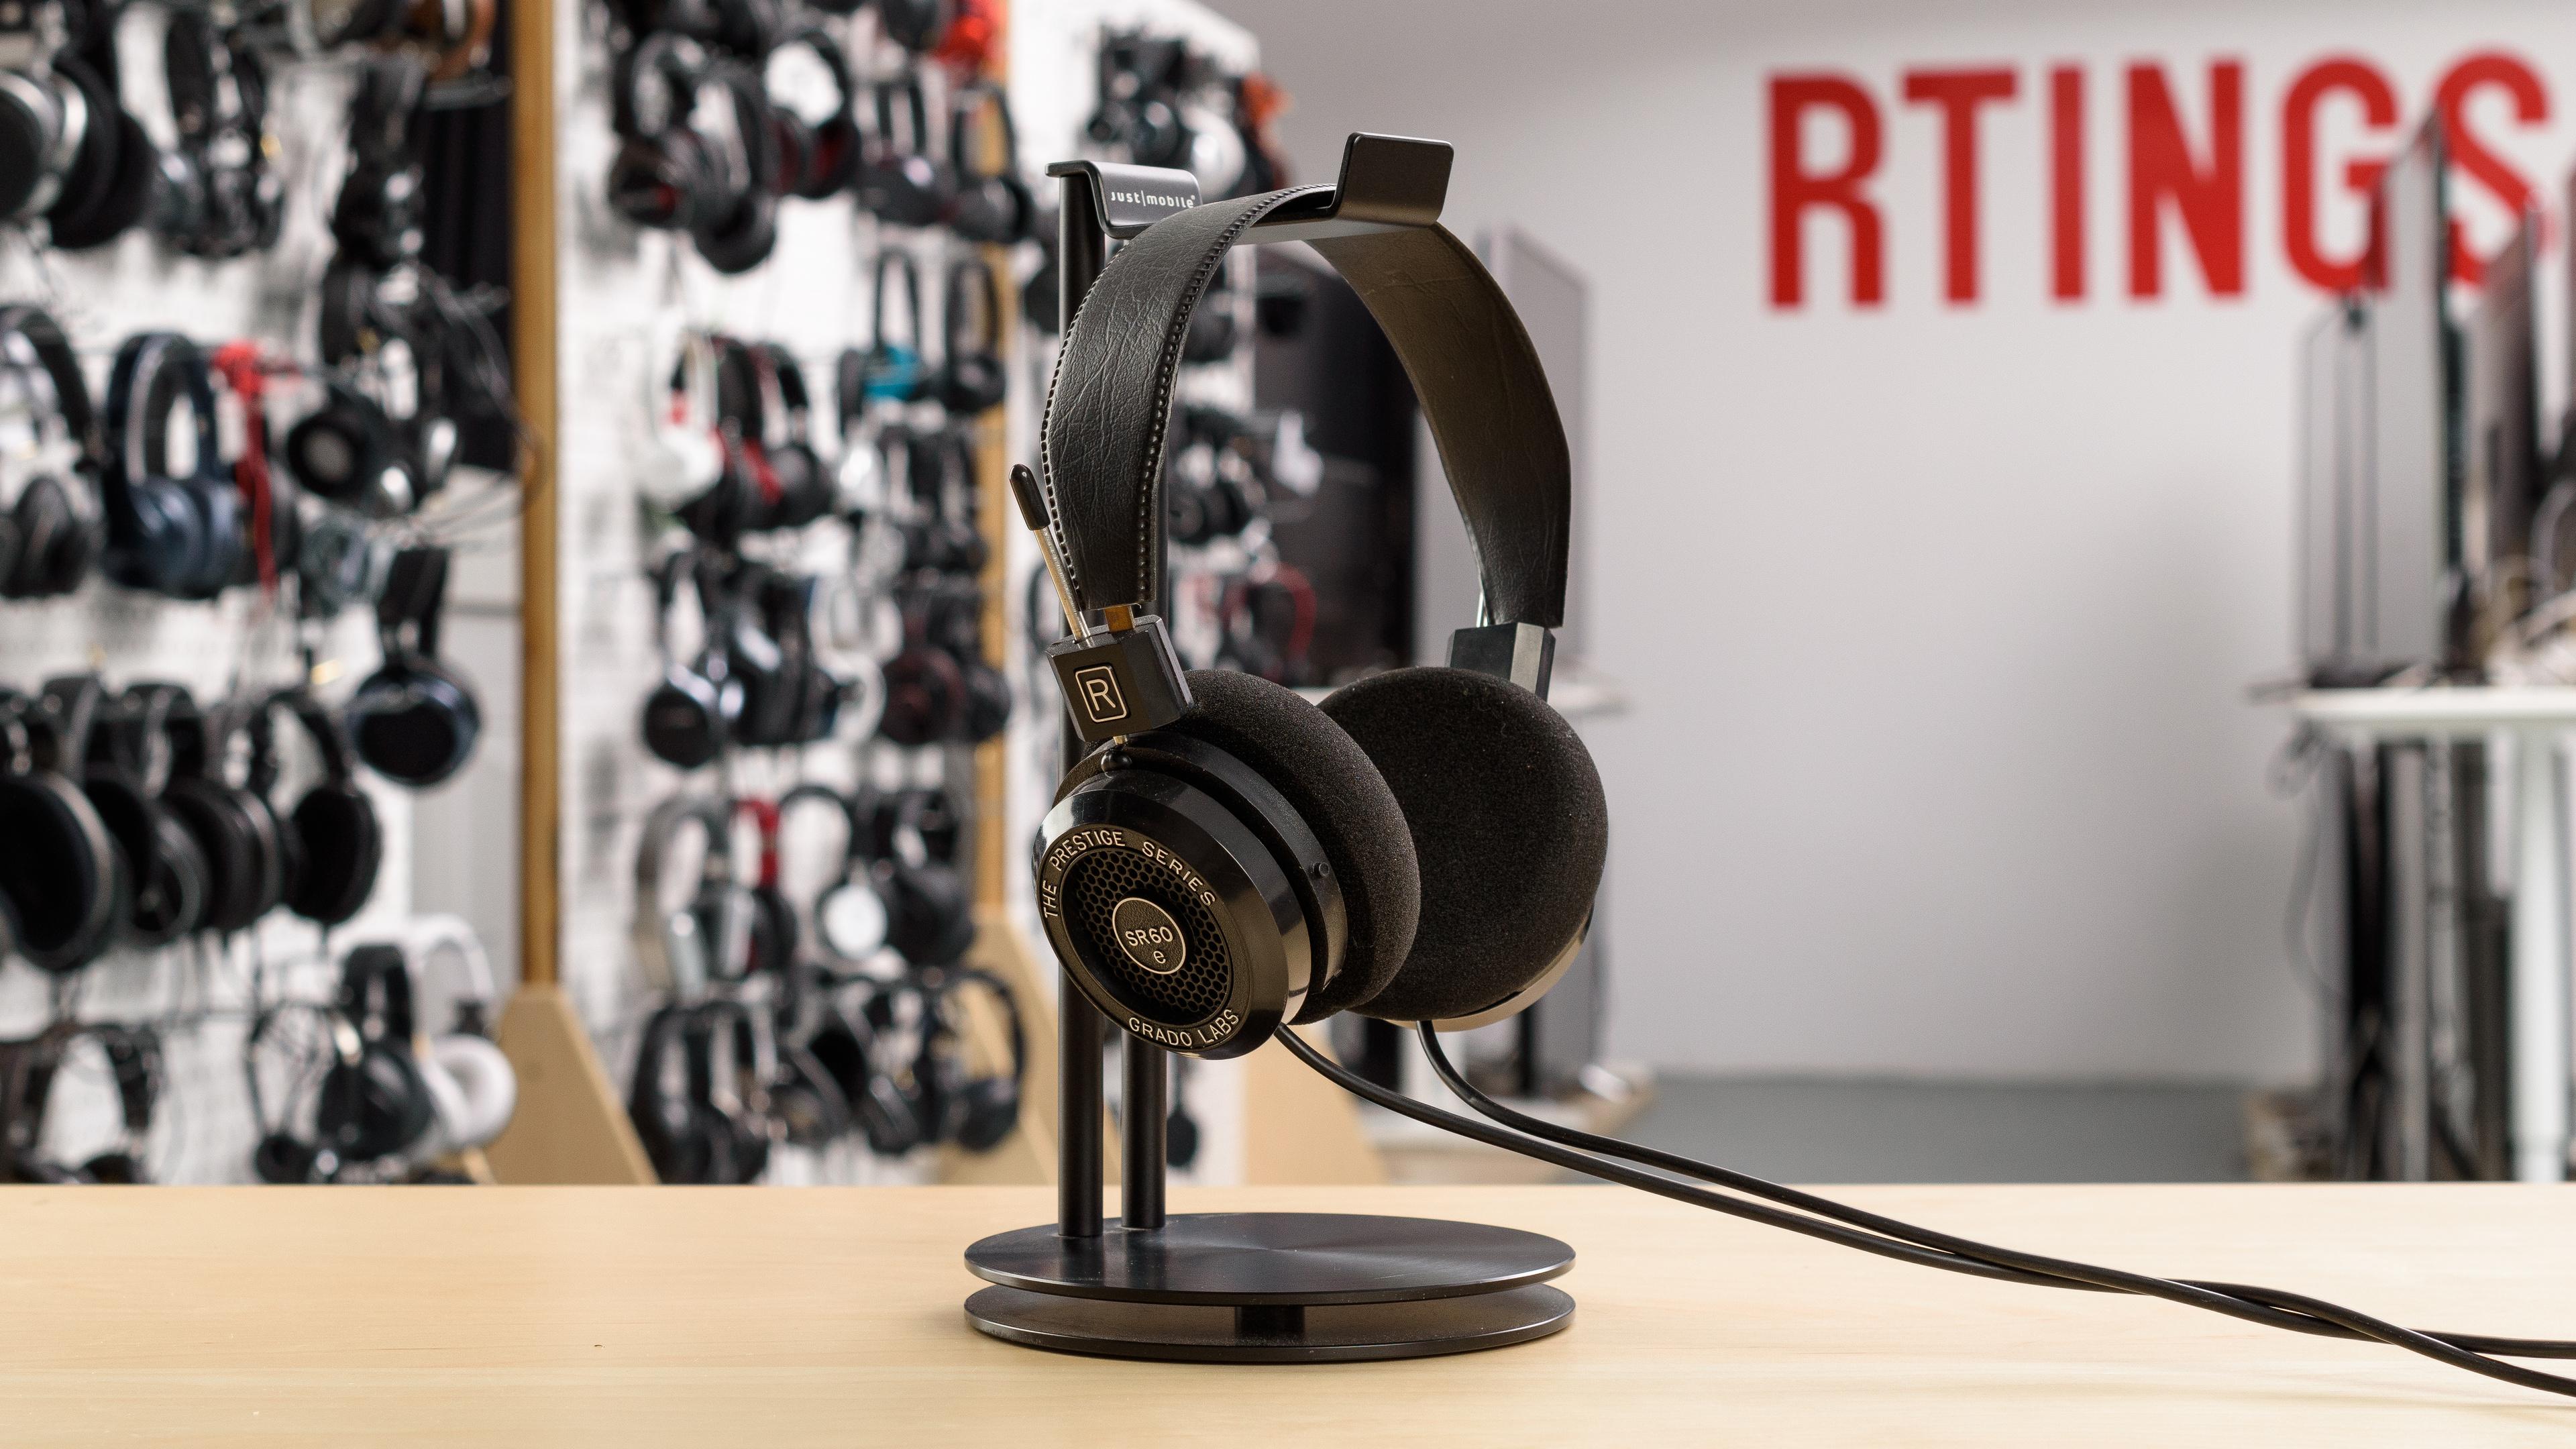 Grado Headphones Wiring Diagram Detailed Schematics Sr60e Review Rtings Com Dvd